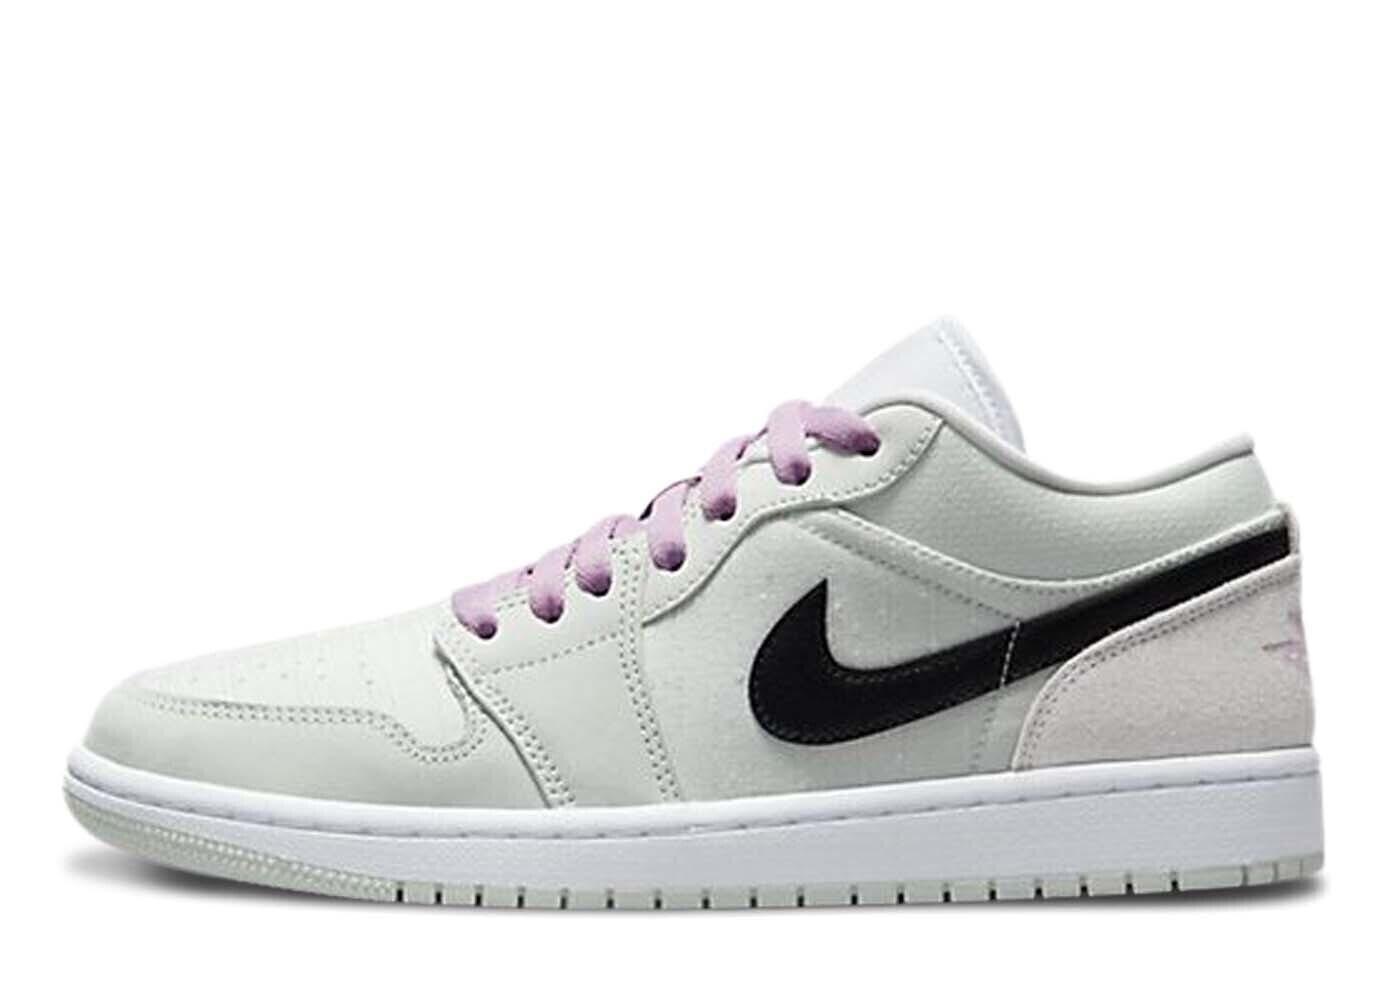 Nike Air Jordan 1 Low Barely Green Womensの写真